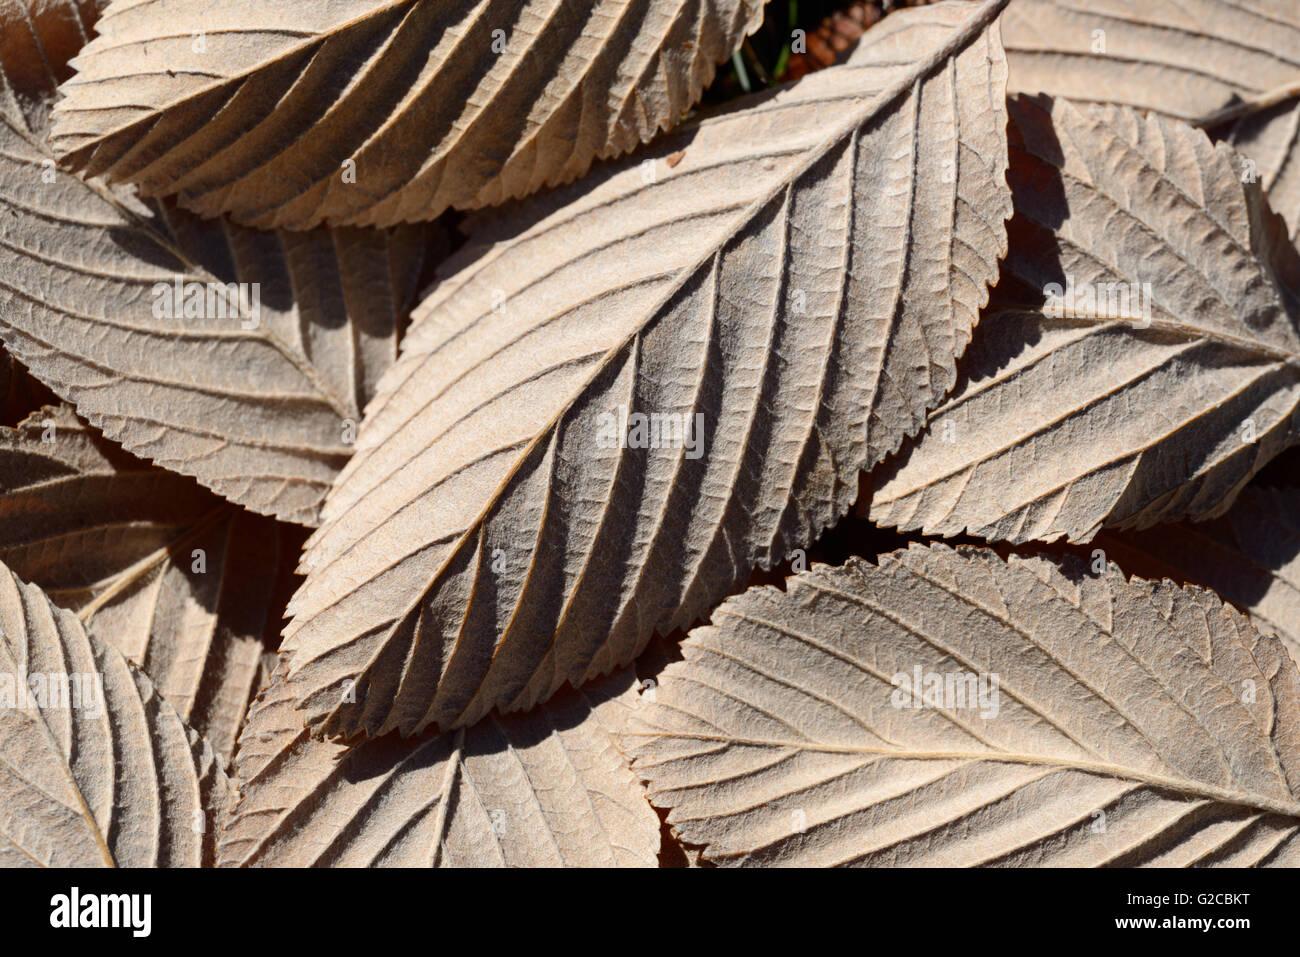 Patrón de hojas o patrones comunes de Whitebeam, Sorbus aria, hojas Imagen De Stock